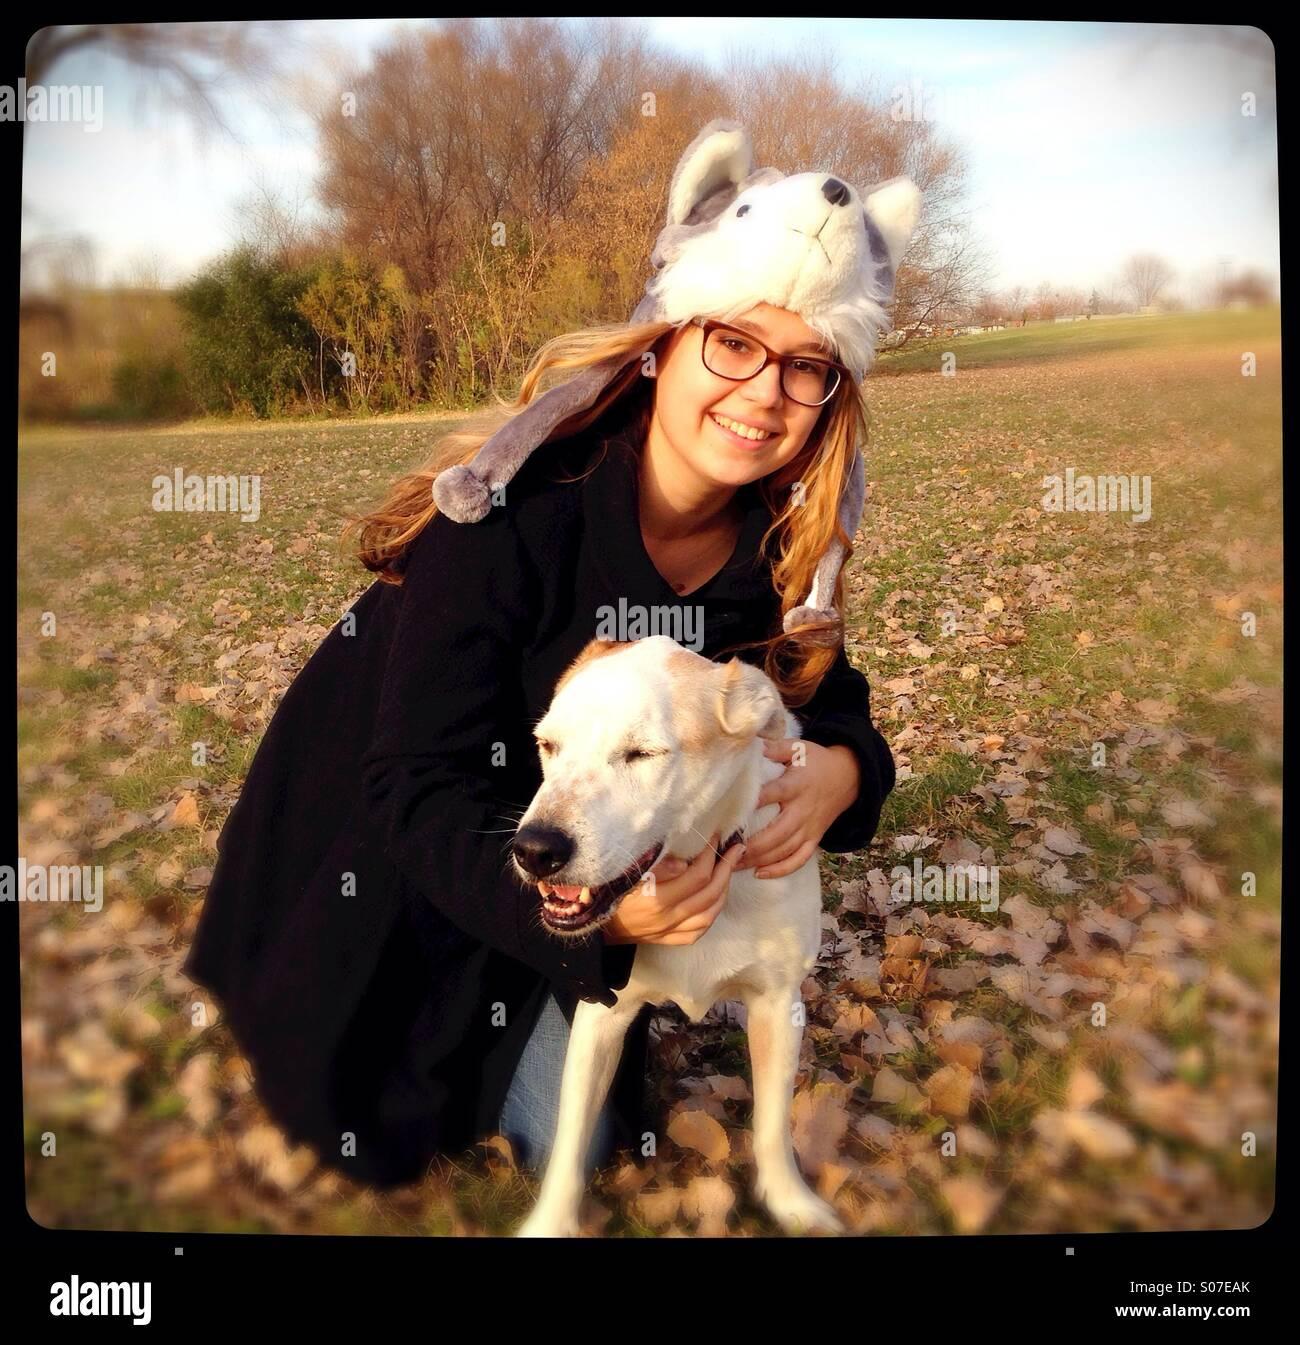 Ein junges Mädchen umarmt einen glücklichen Hund. Stockbild